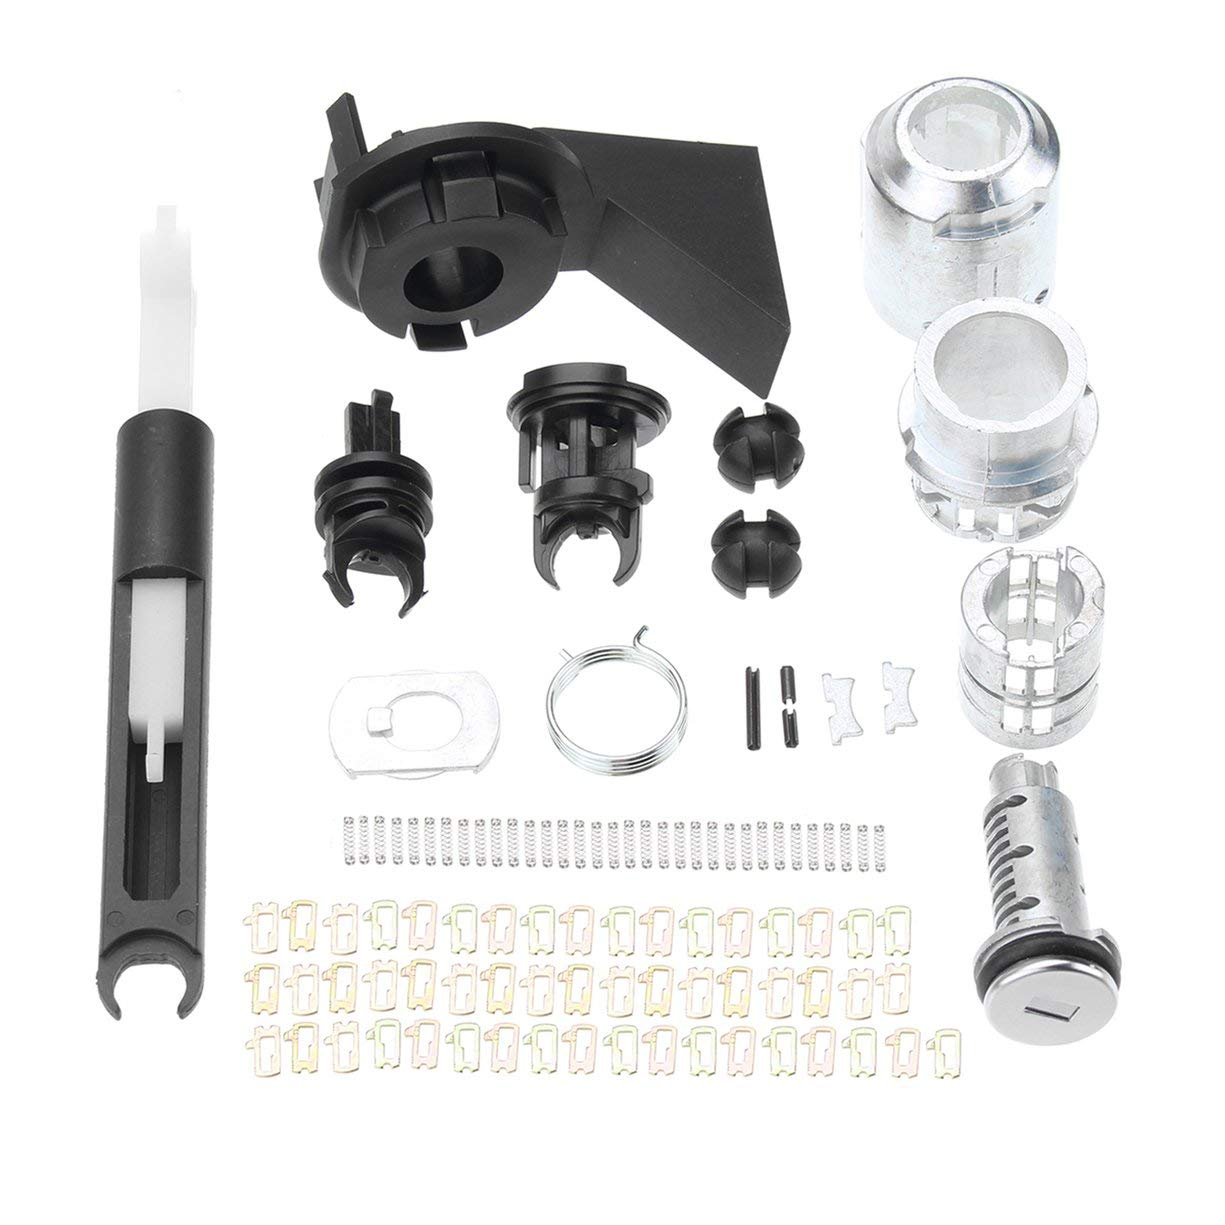 Kit di bloccaggio serratura rilascio cofano Kit chiusura scrocco per Ford For Focus MK2 2004-2012 1355231 Kit serratura kit di riparazione serratura Detectoy